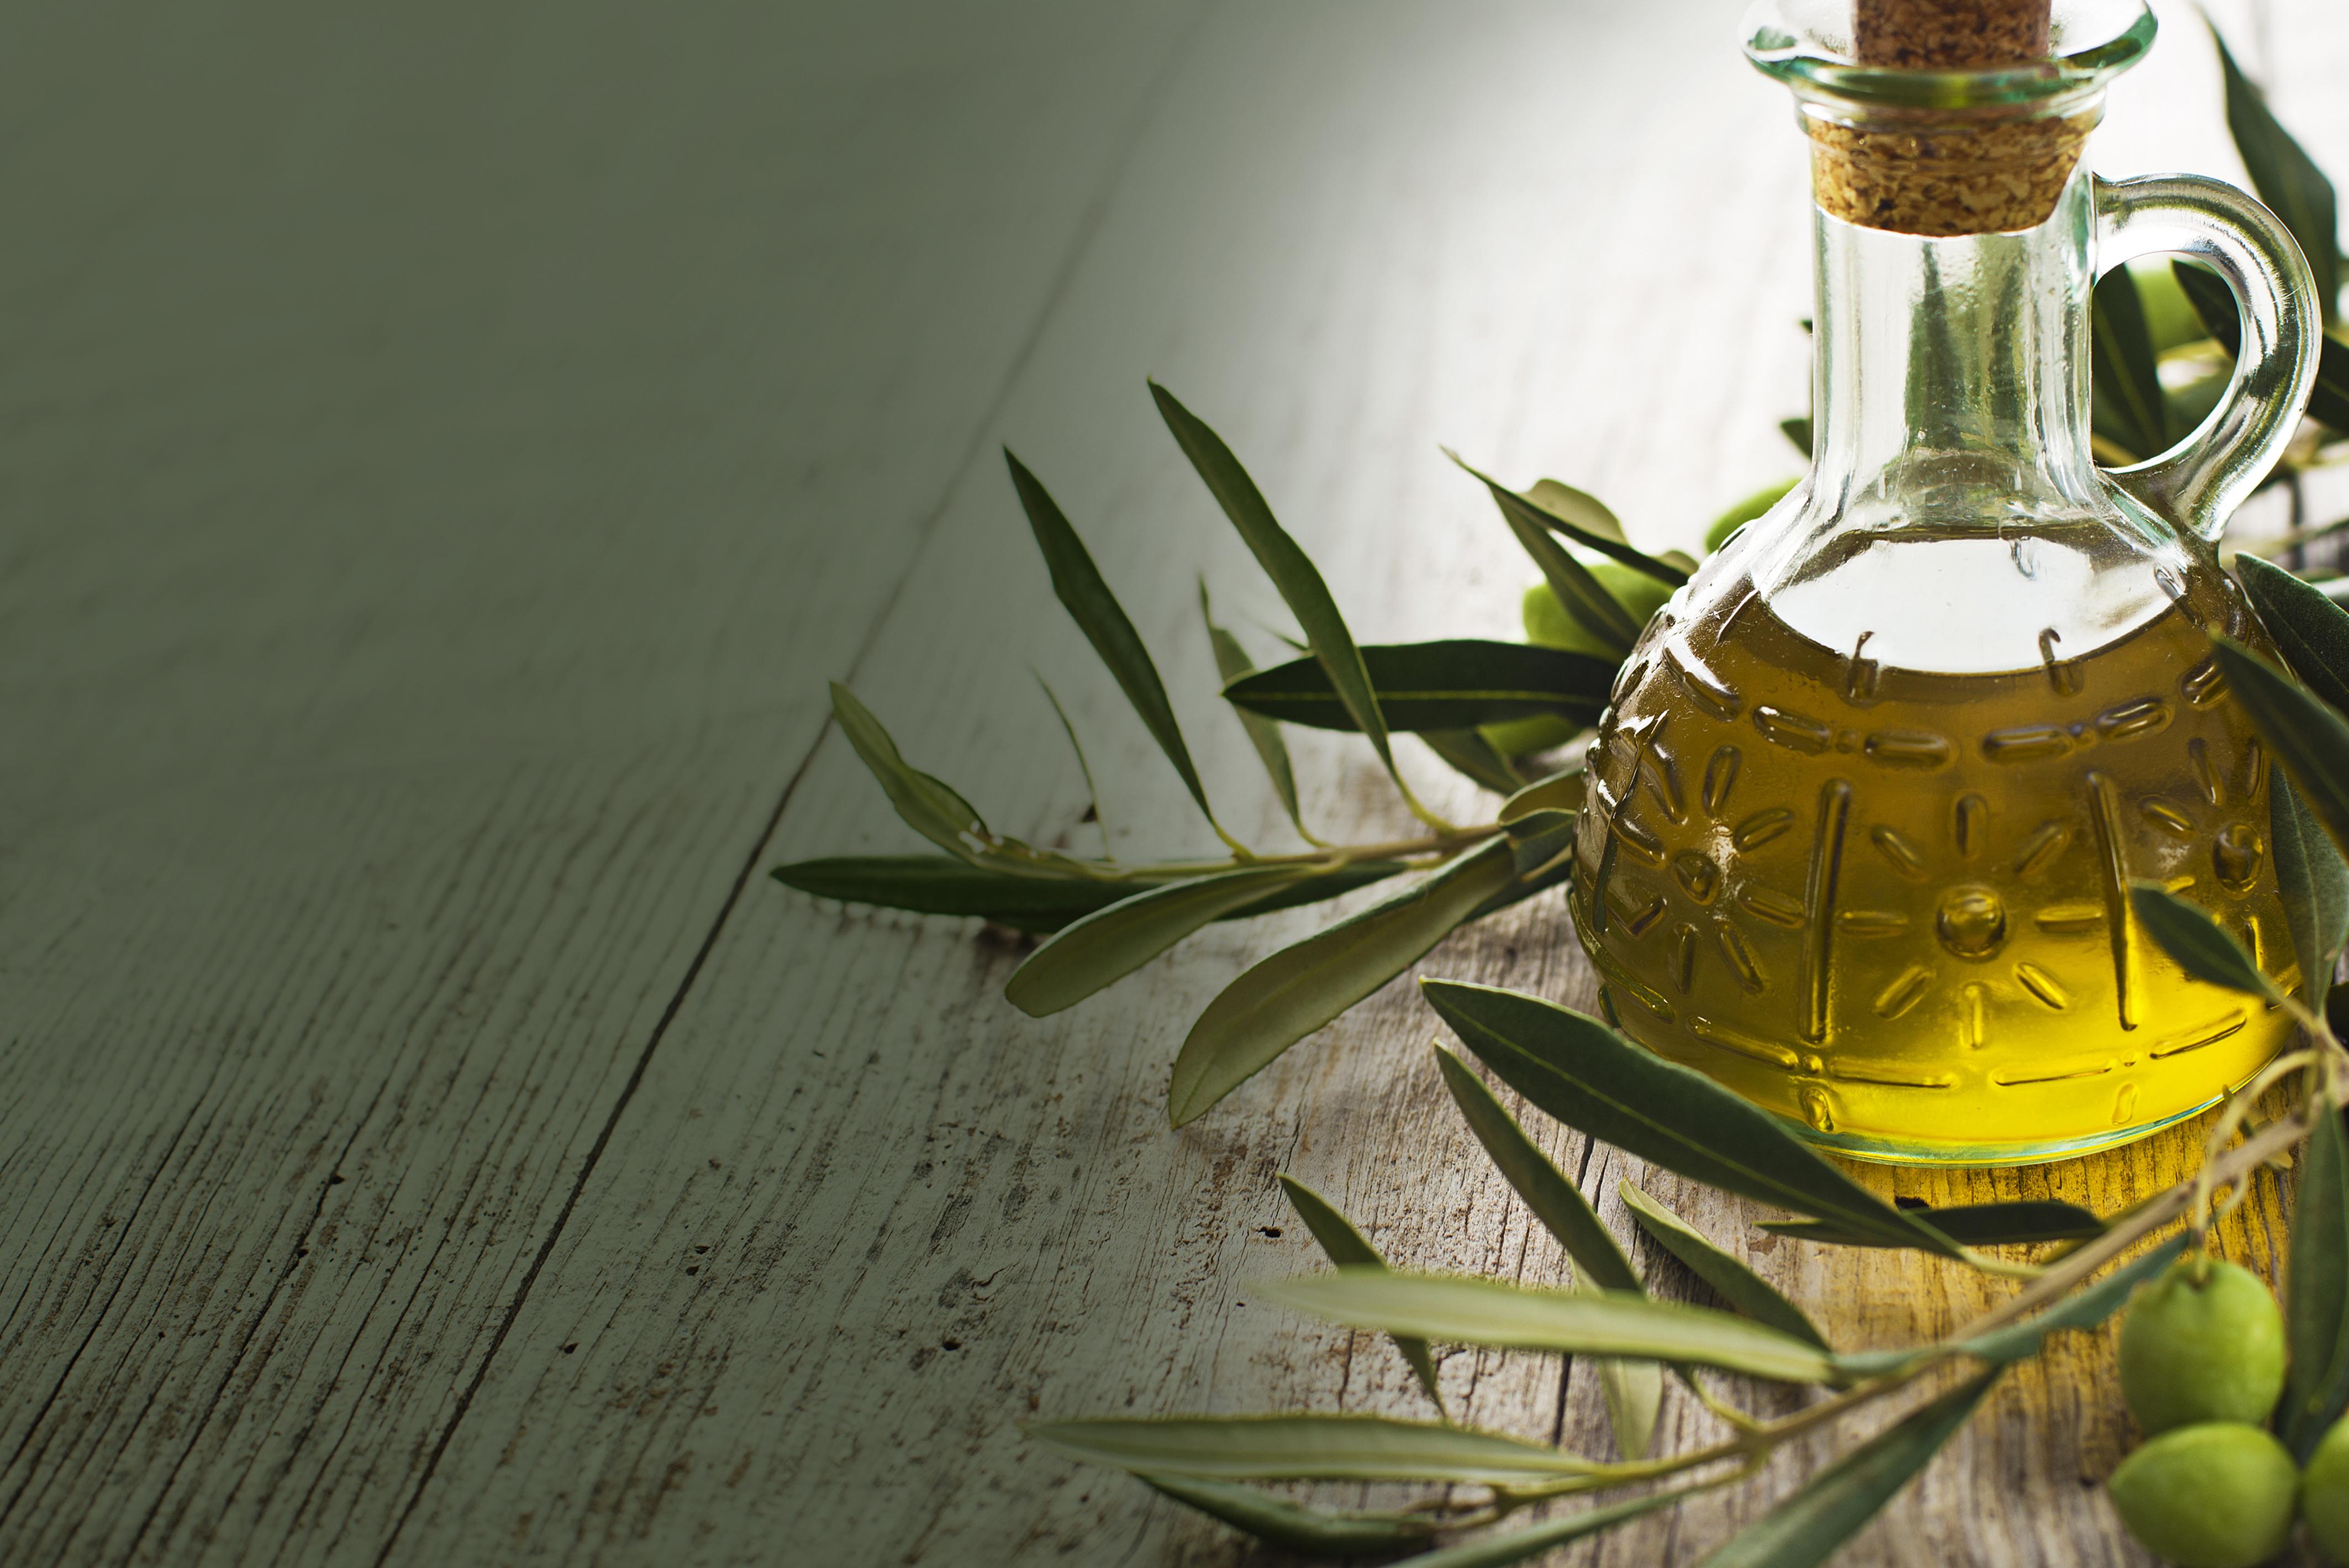 Os Benefícios do Azeite de Oliva para a saúde e o corpo